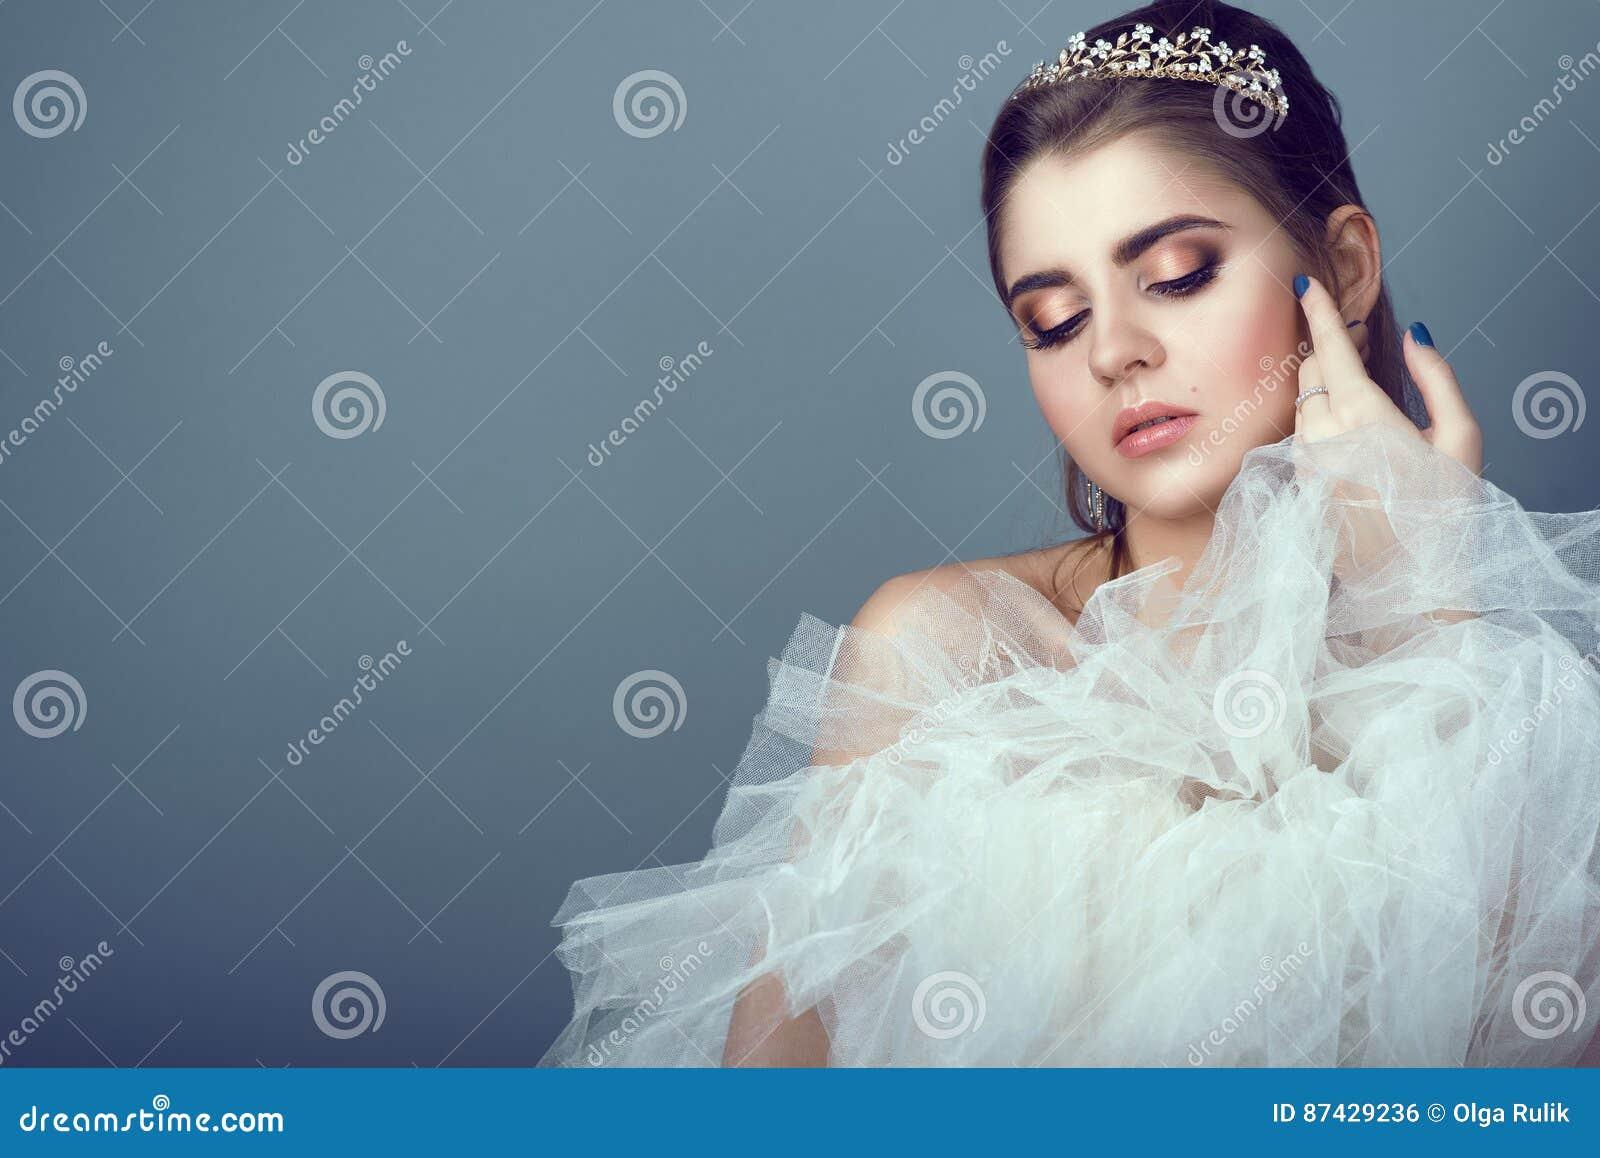 Portret van jonge mooie bruid in diadeem die pluizige rok van haar huwelijkskleding drukken aan haar borst